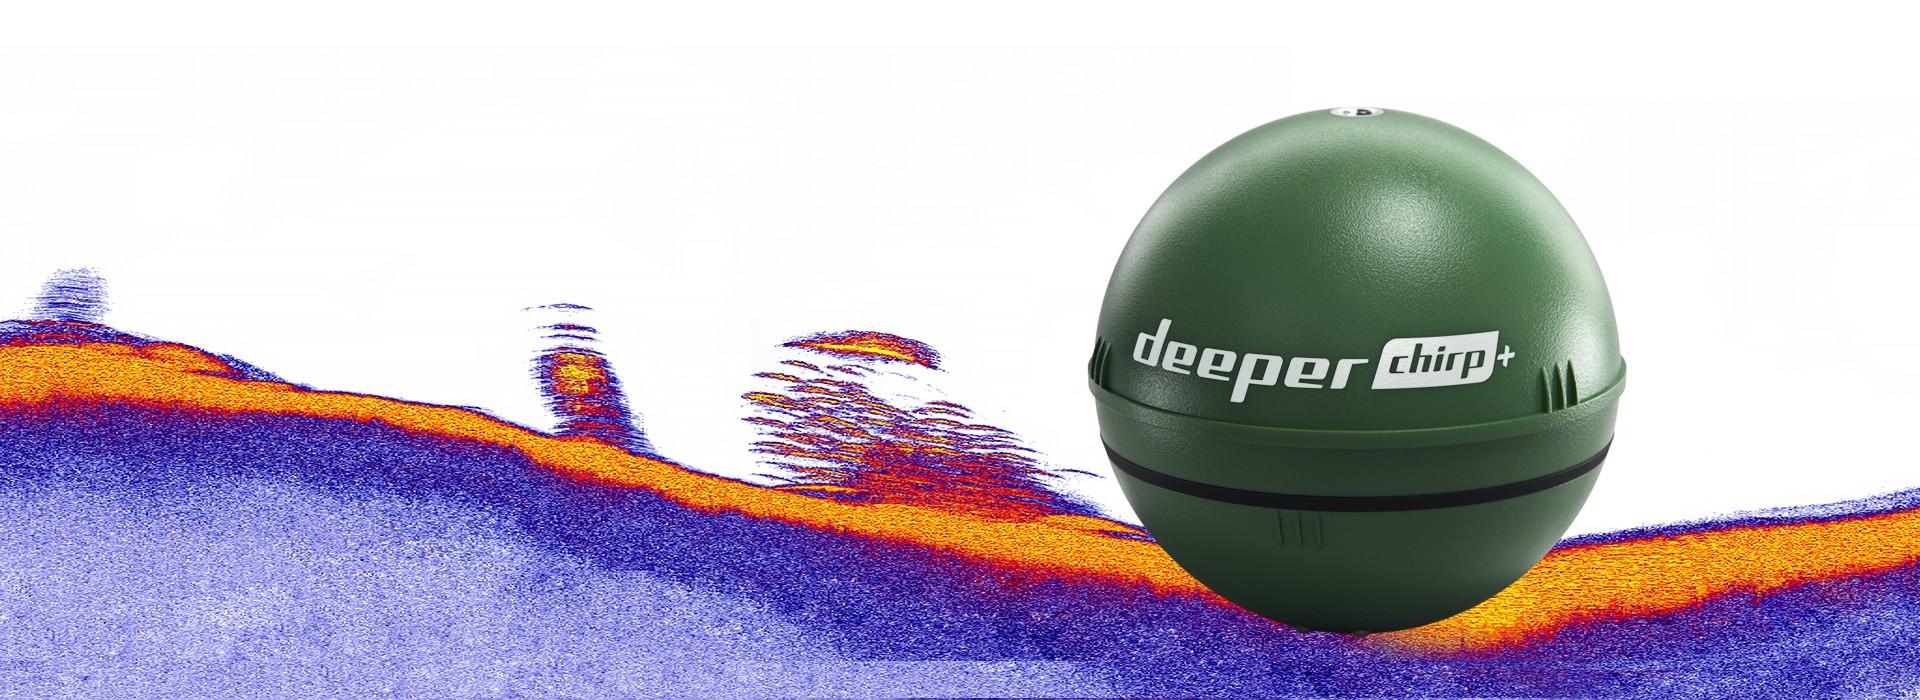 Ta fisket ett steg vidareVärldens enda kastbara CHIRP ekolod med inbyggd GPS